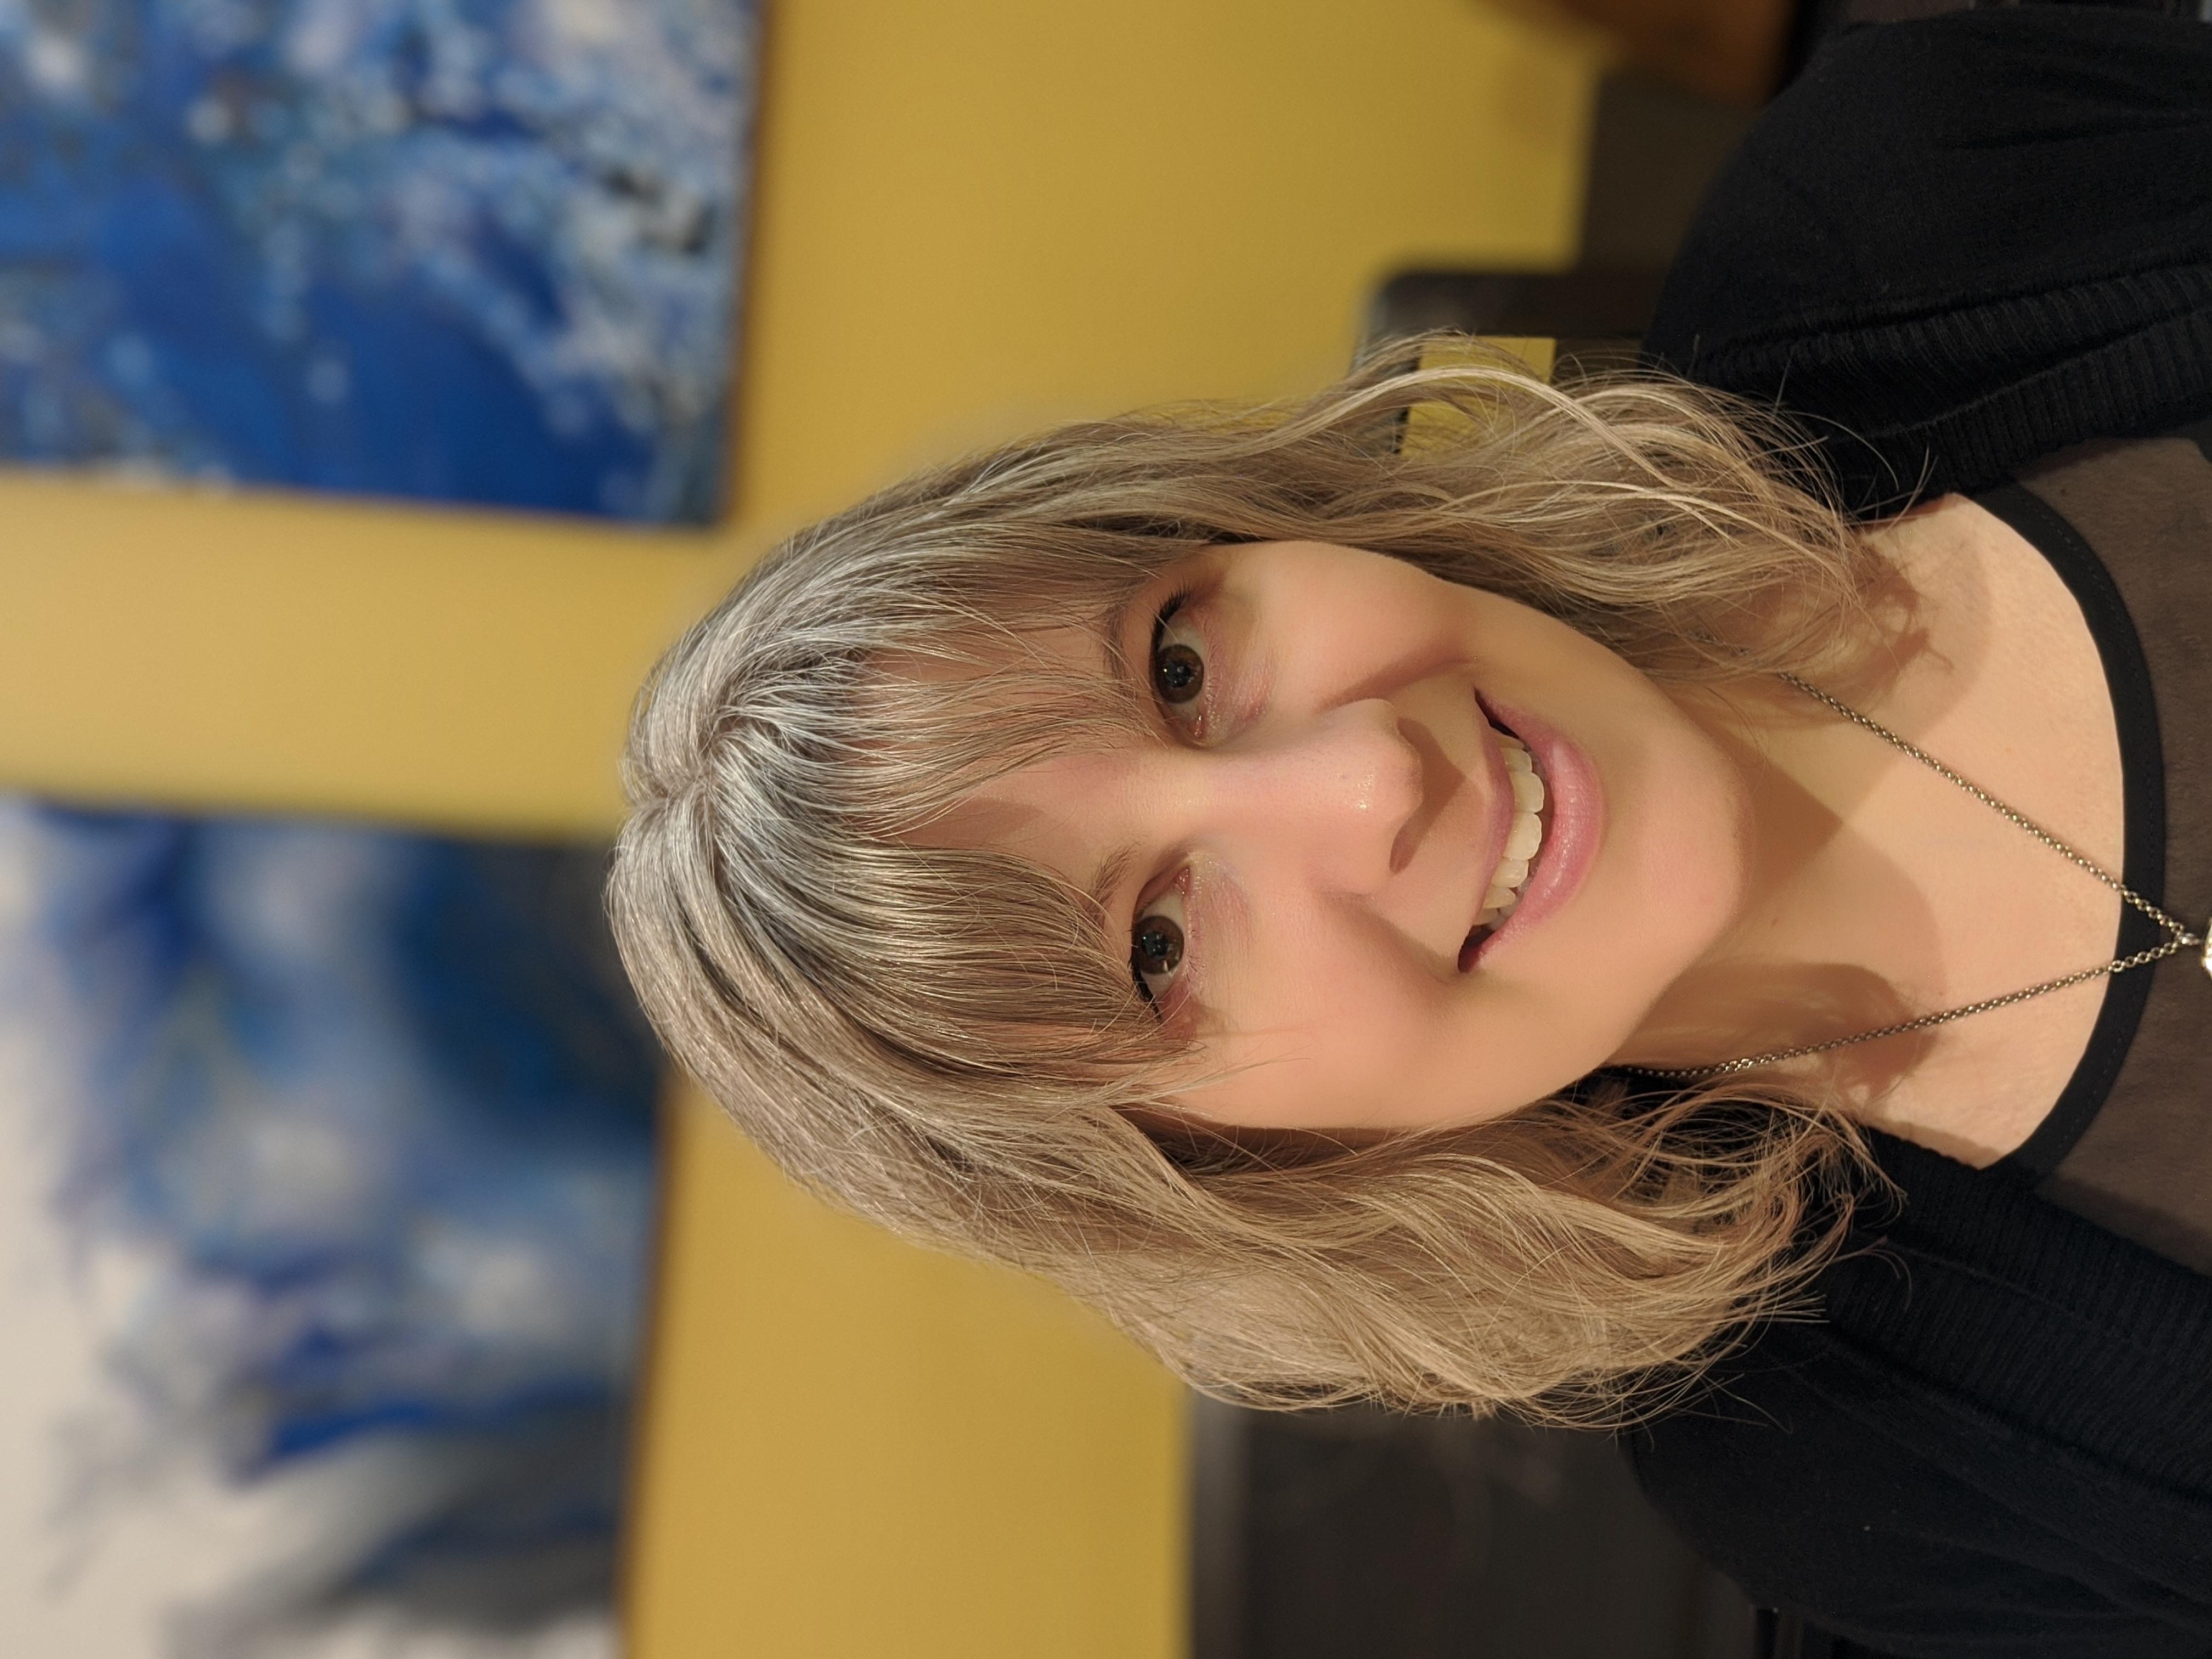 Rosemarie Penner